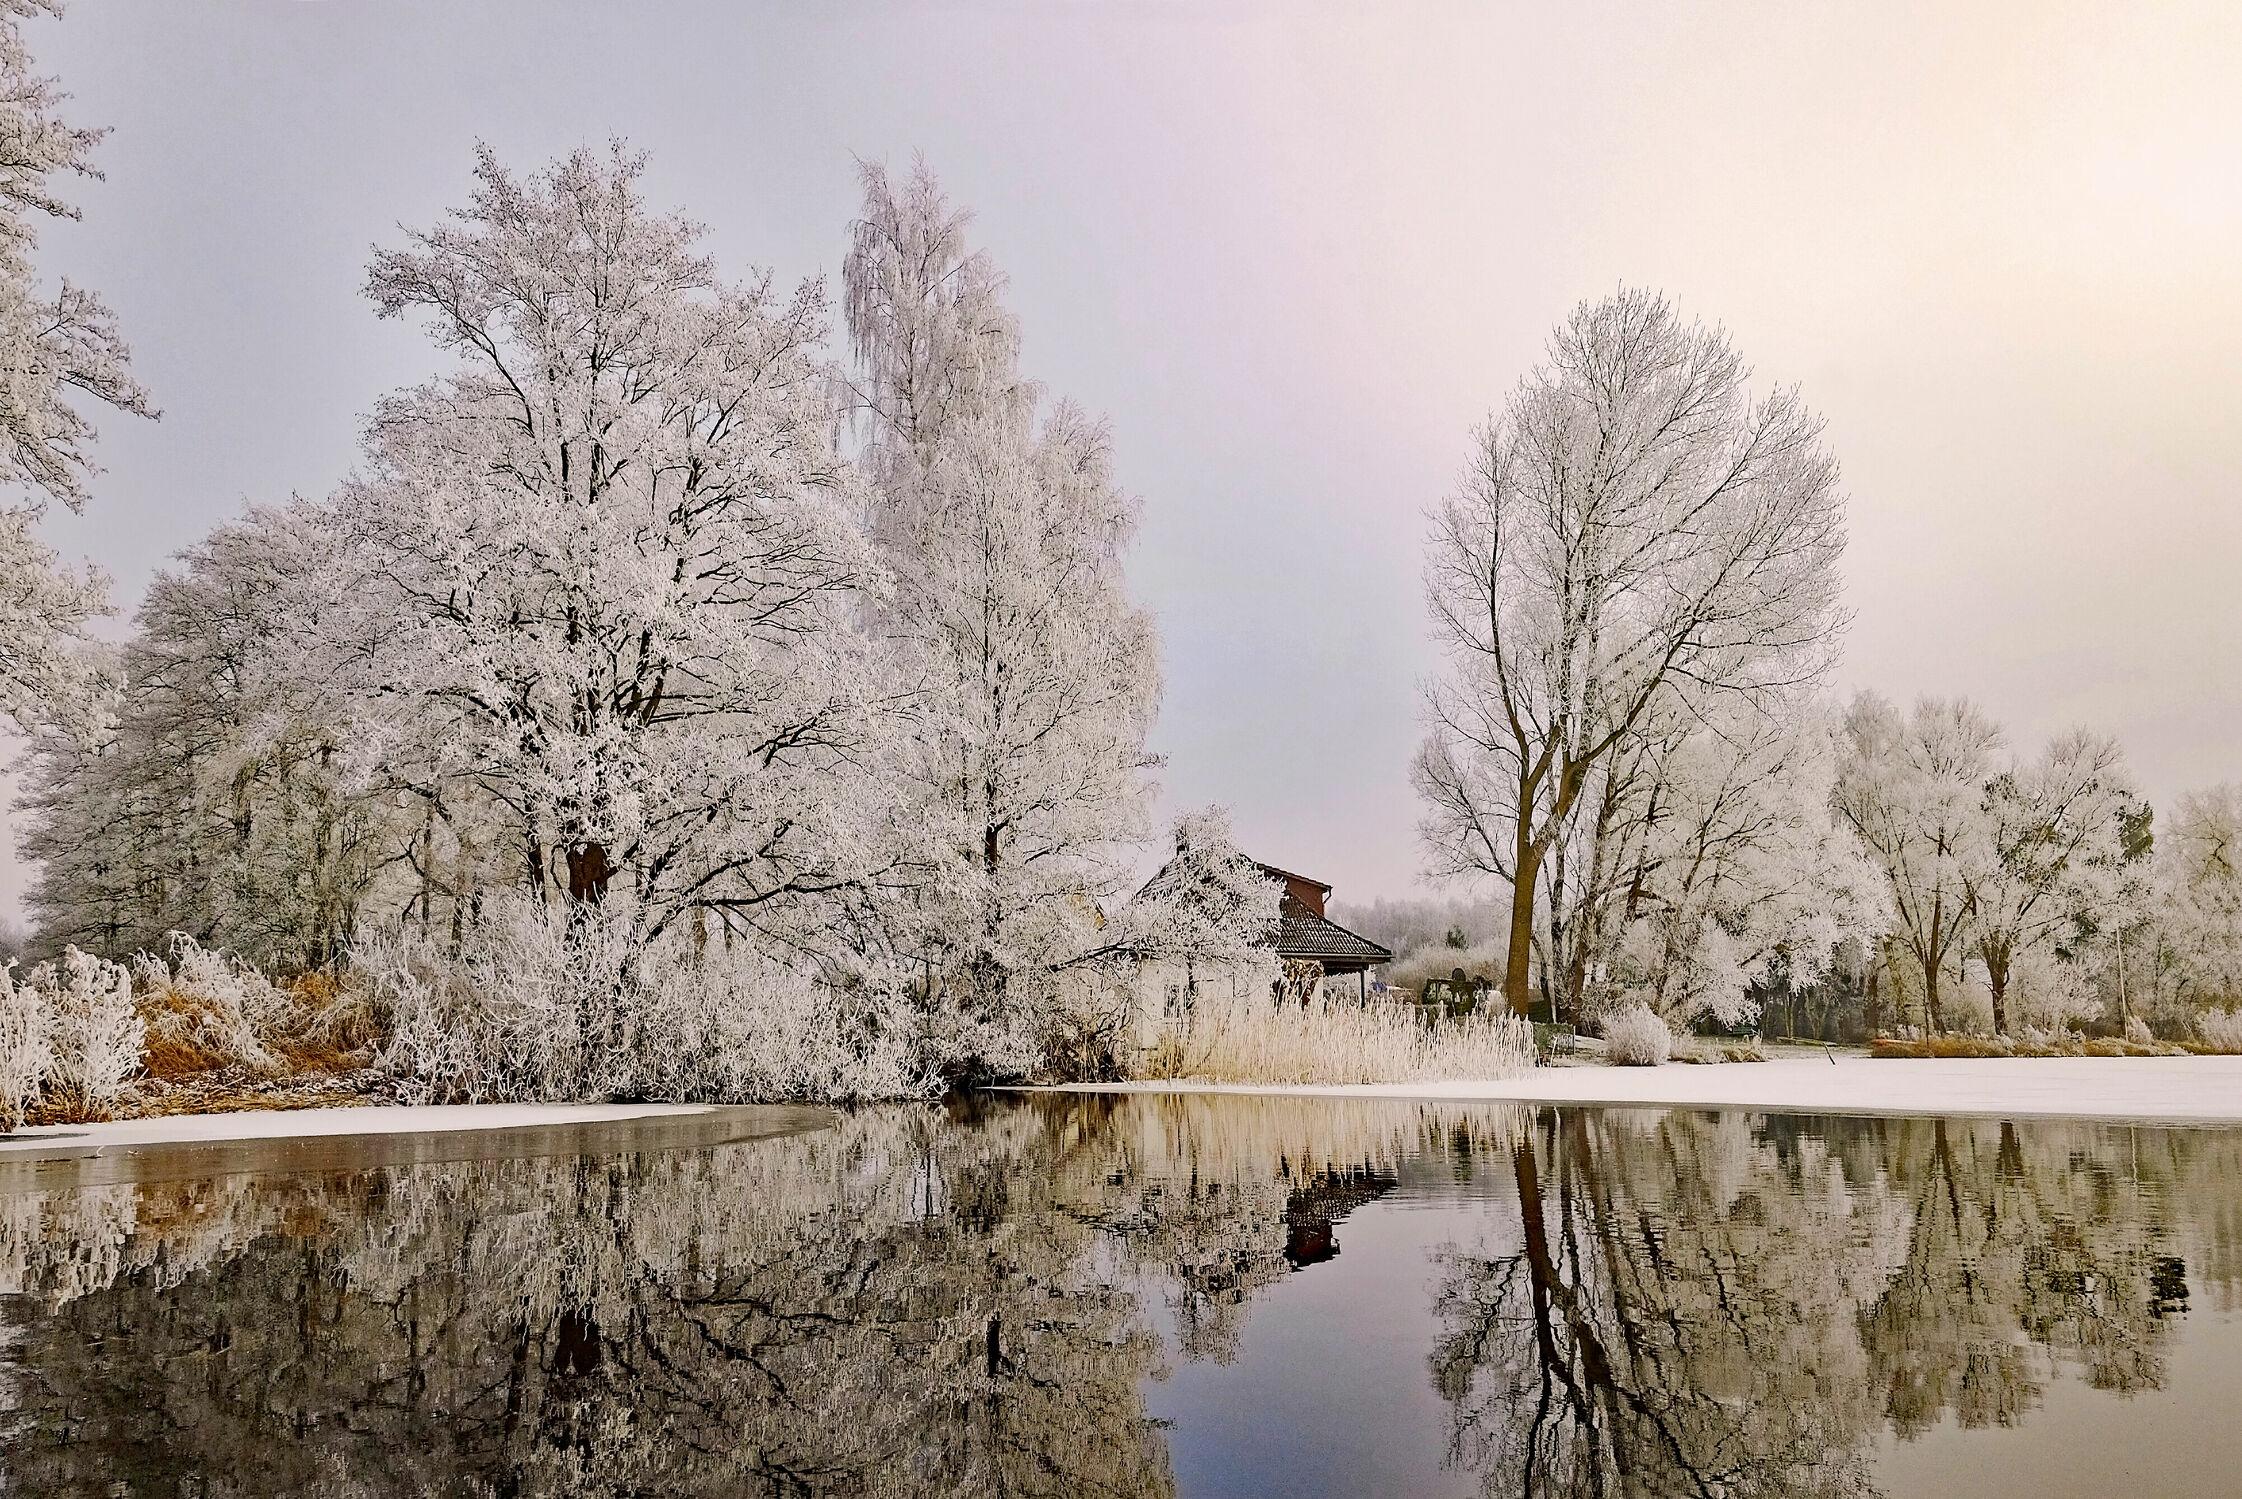 Bild mit Wasser, Himmel, Bäume, Bäume, Sonnenuntergang, Nebel, Spiegelungen, WOHNEN, Kälte, reet, Abendstimmung, Ufer, Raureif, Brahm_See